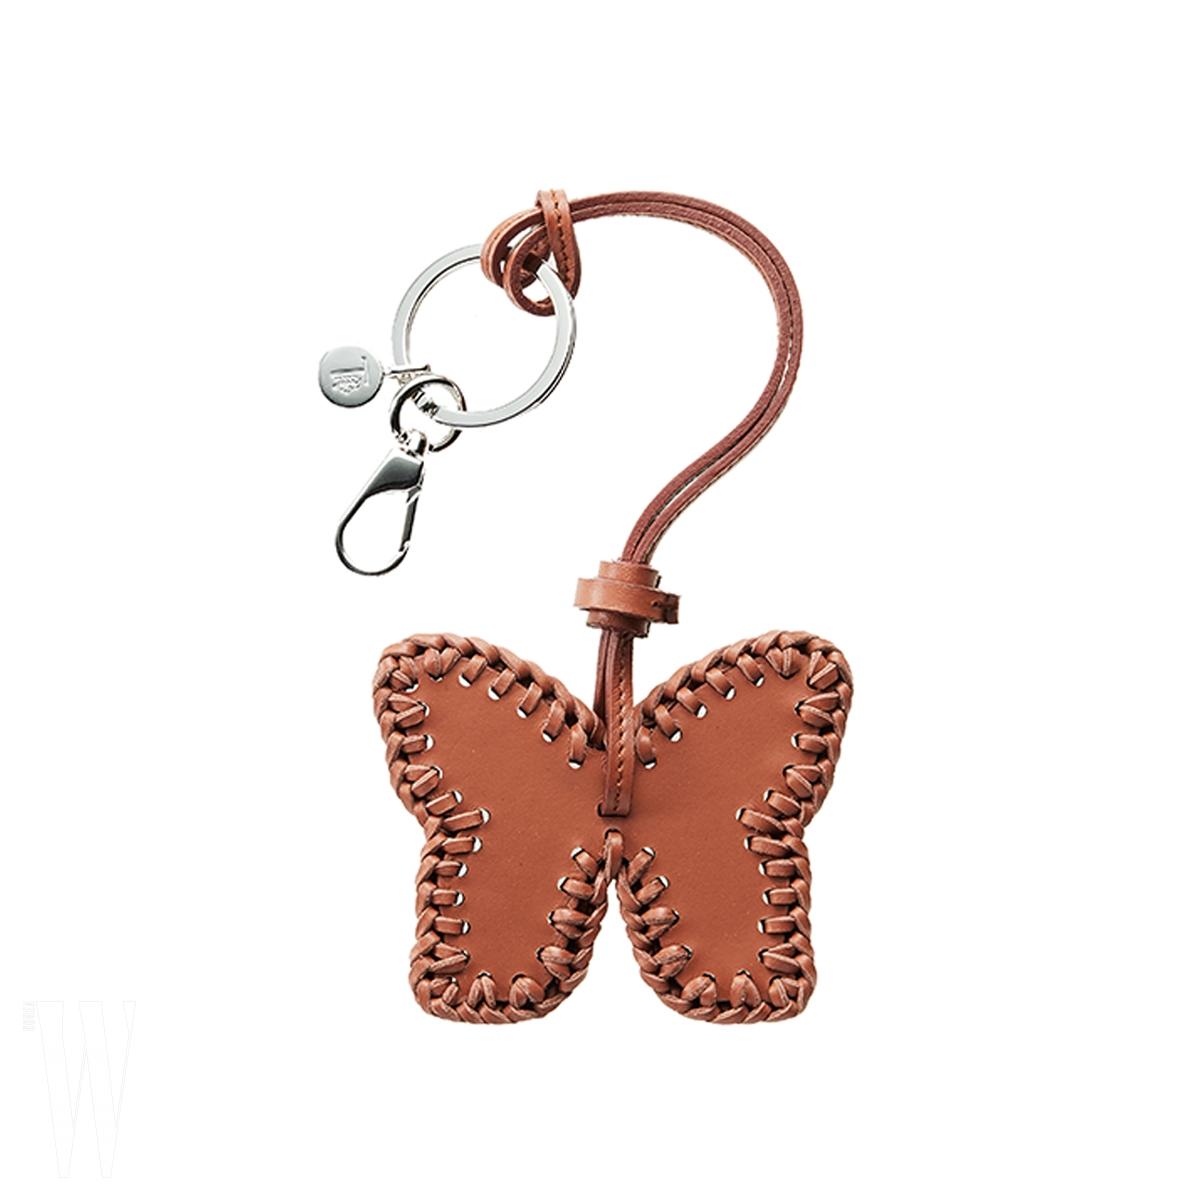 스티치 장식이 고급스러운 나비 모티프 키링은 토즈 제품. 49만원.